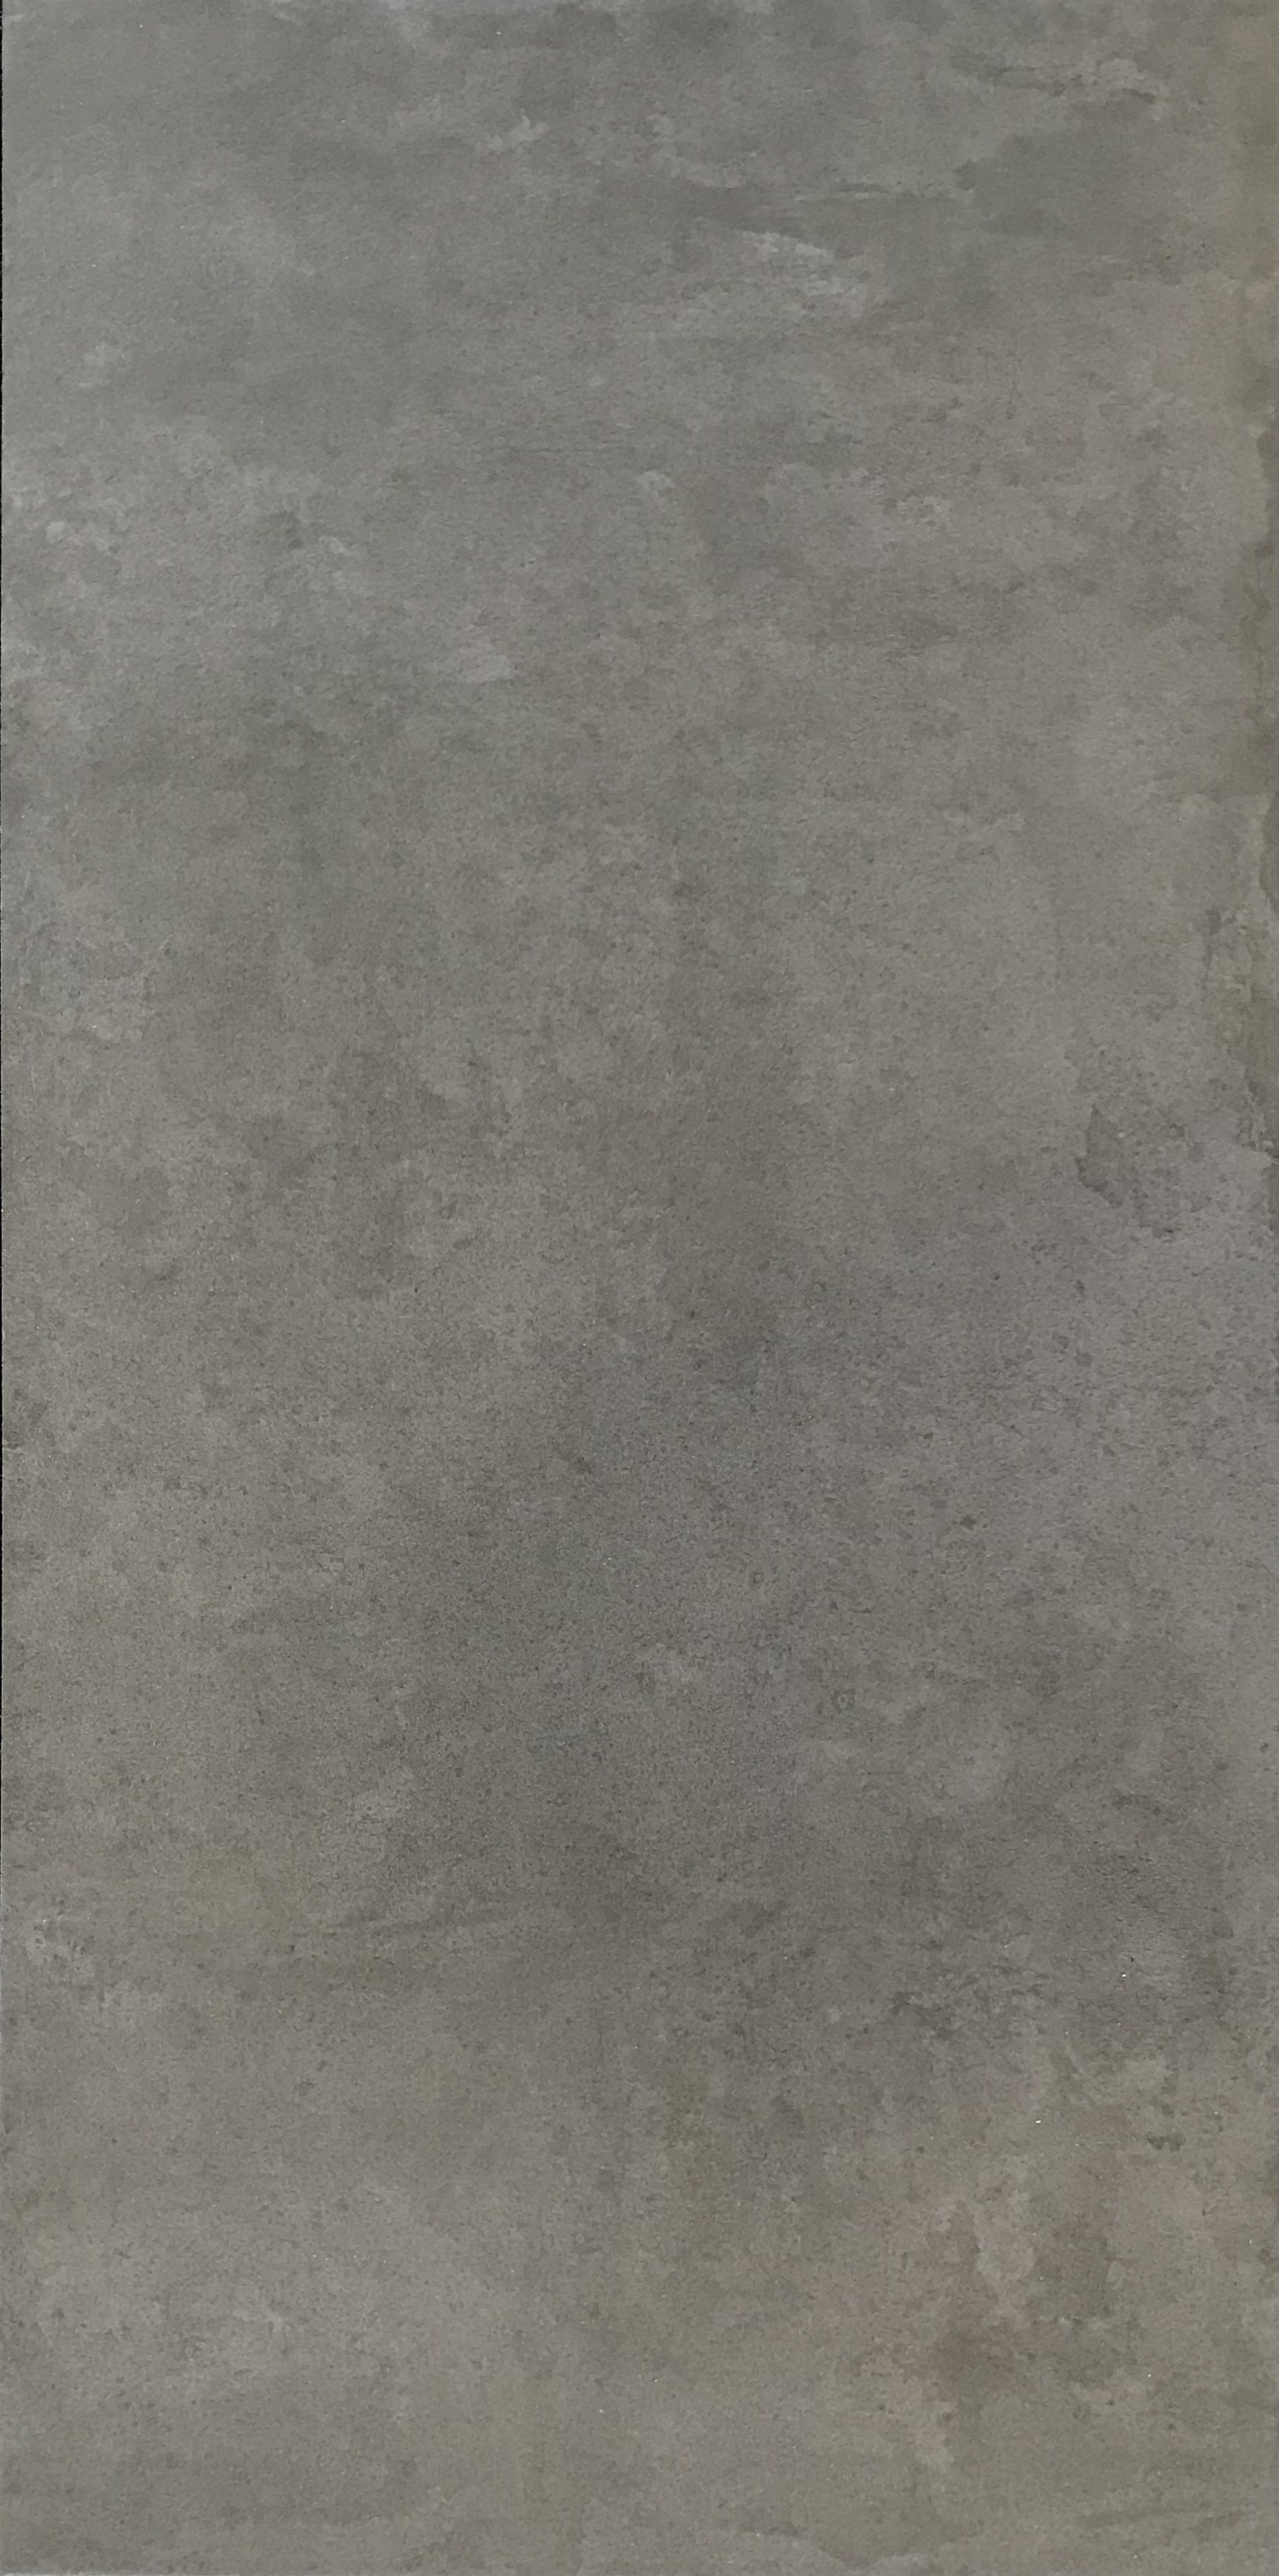 Osmose Ecoline matt Boden-/Wandfliese Anthrazit 30x60